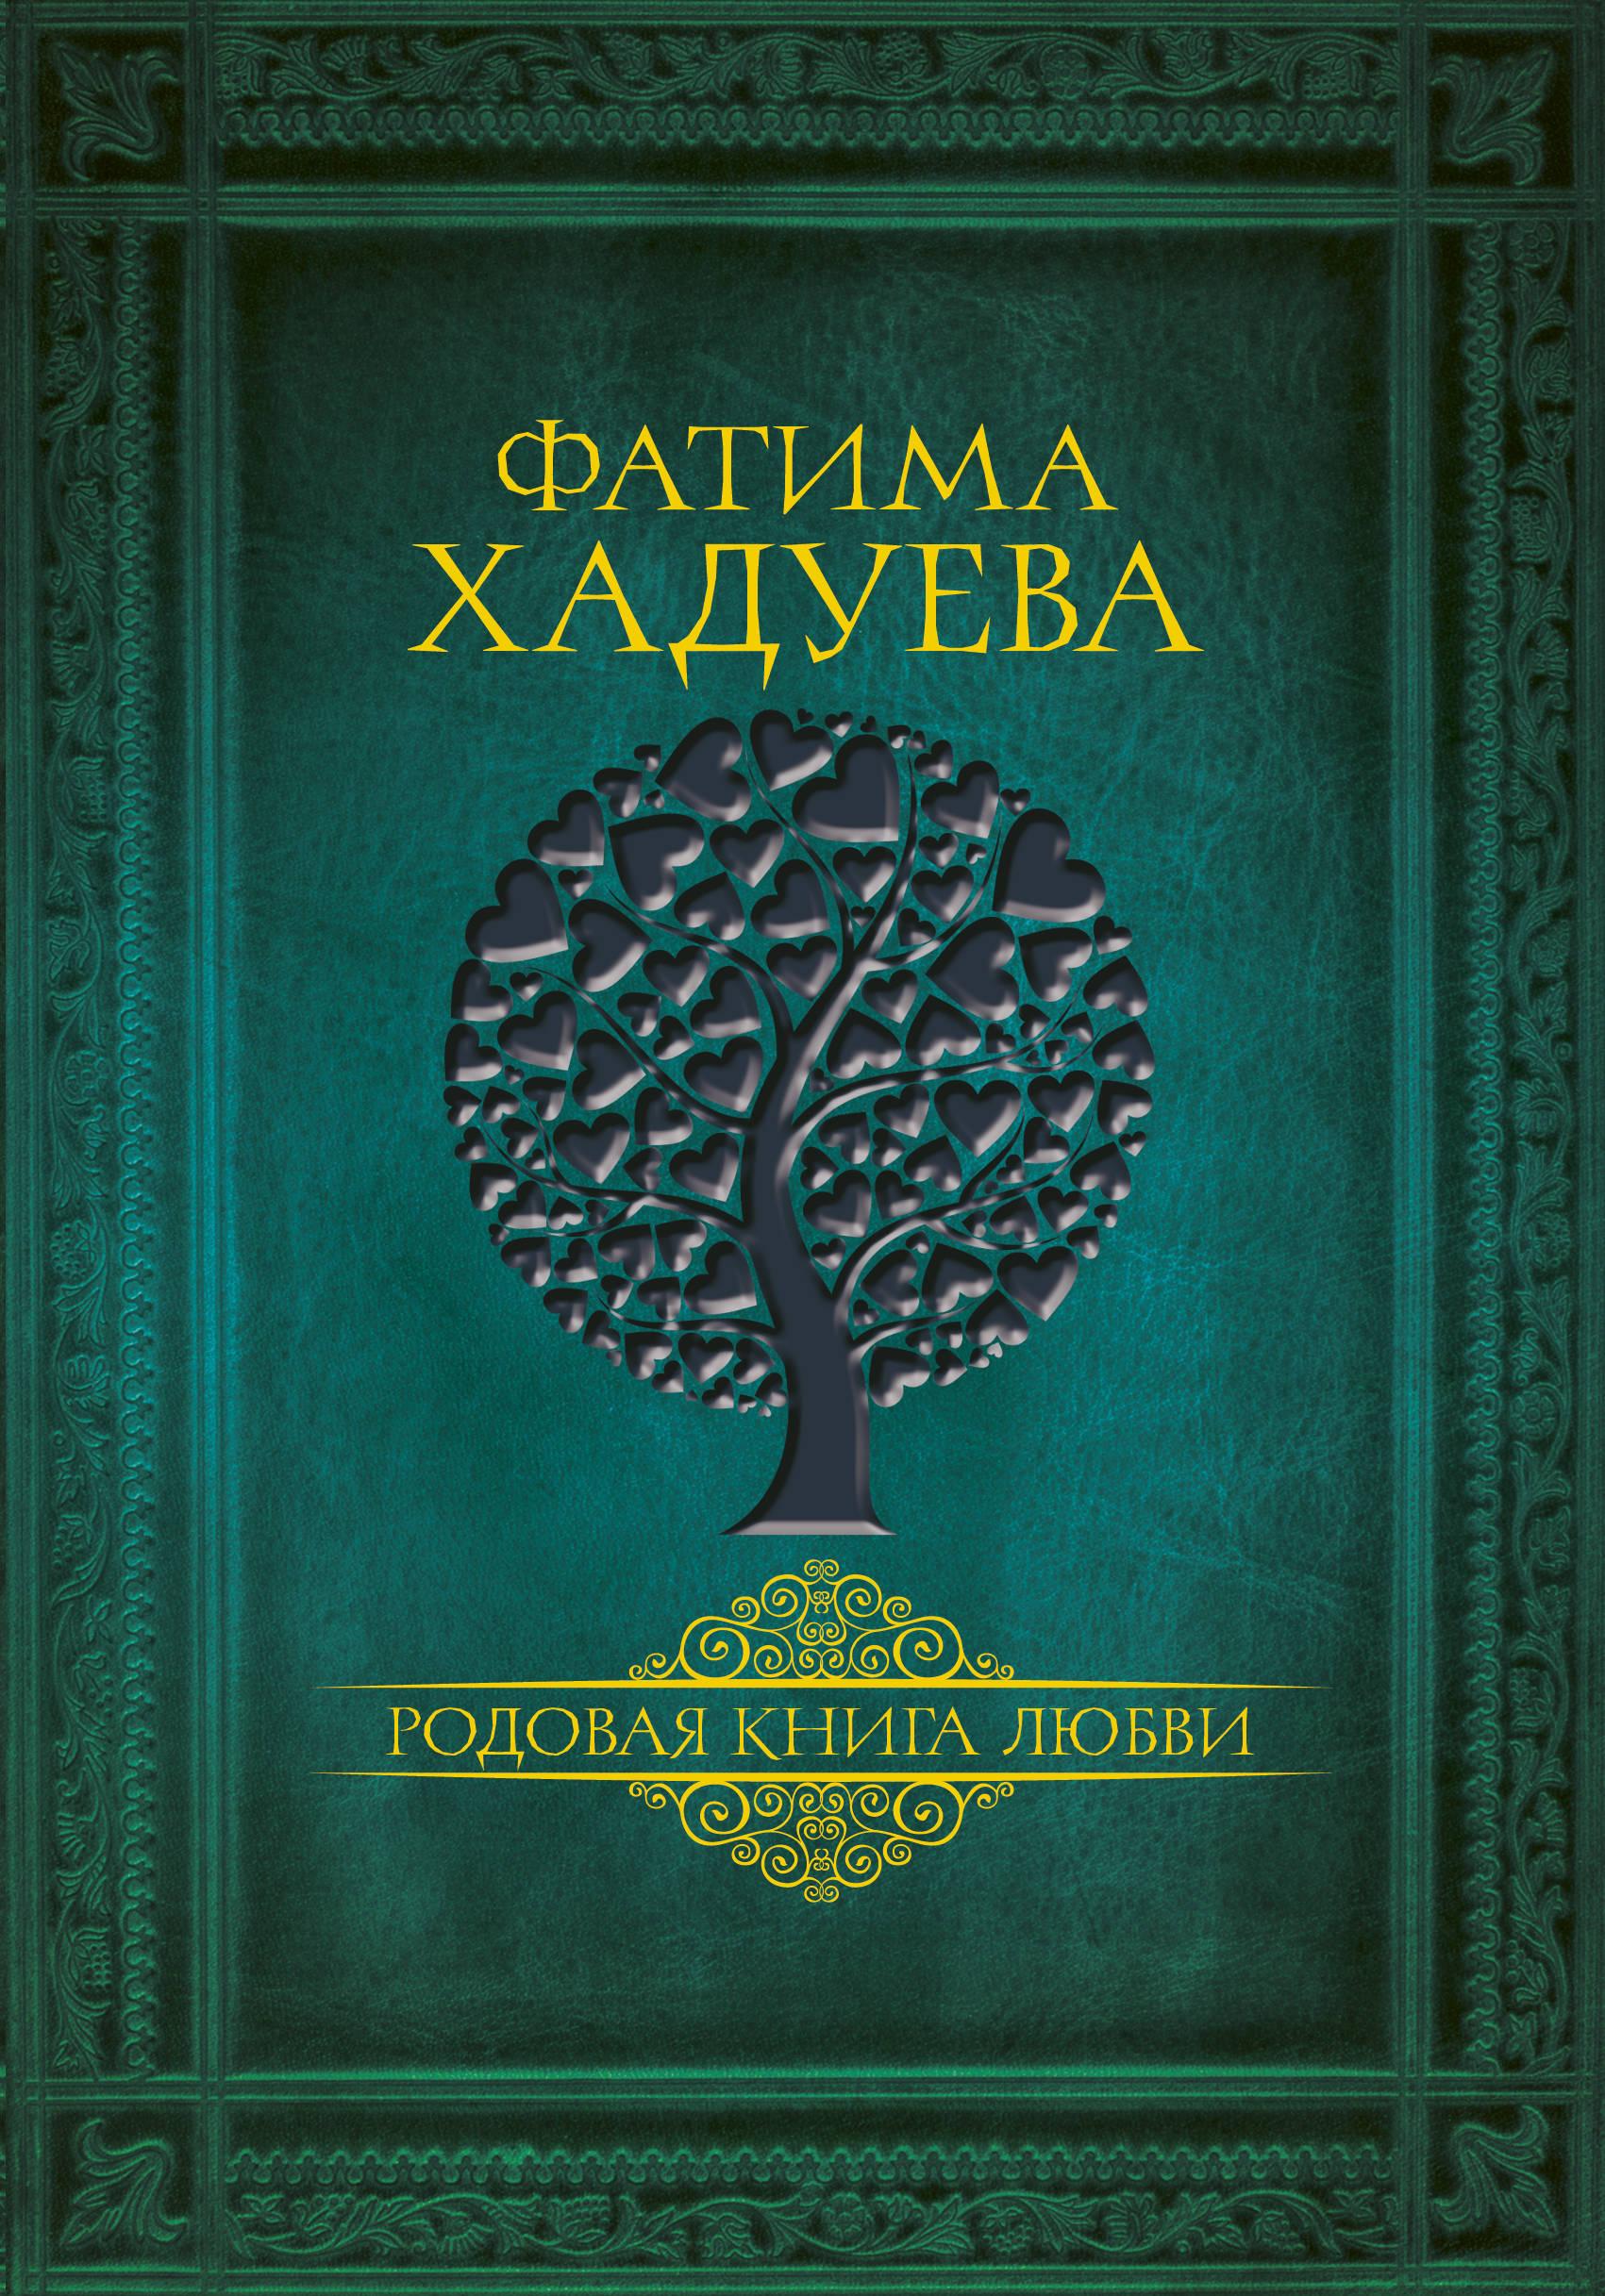 Родовая книга любви